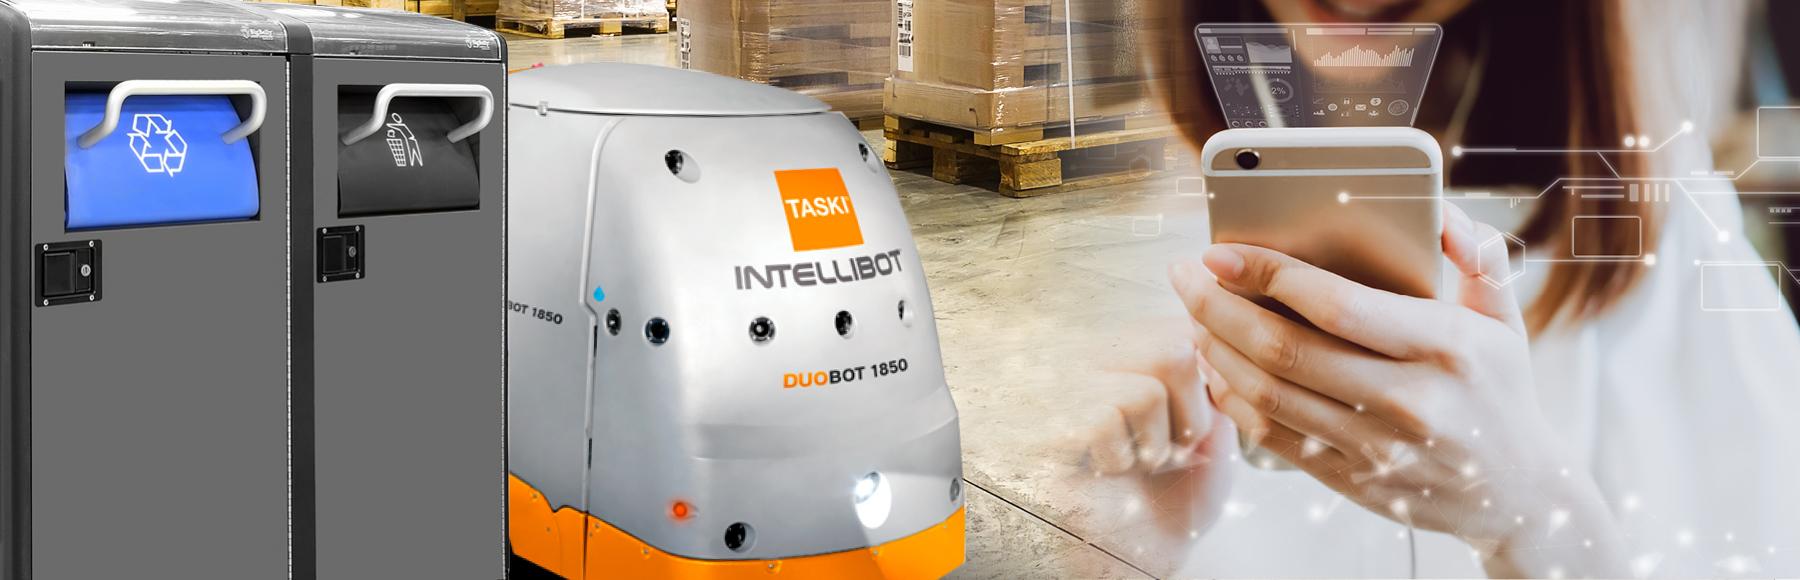 IoT 900x290